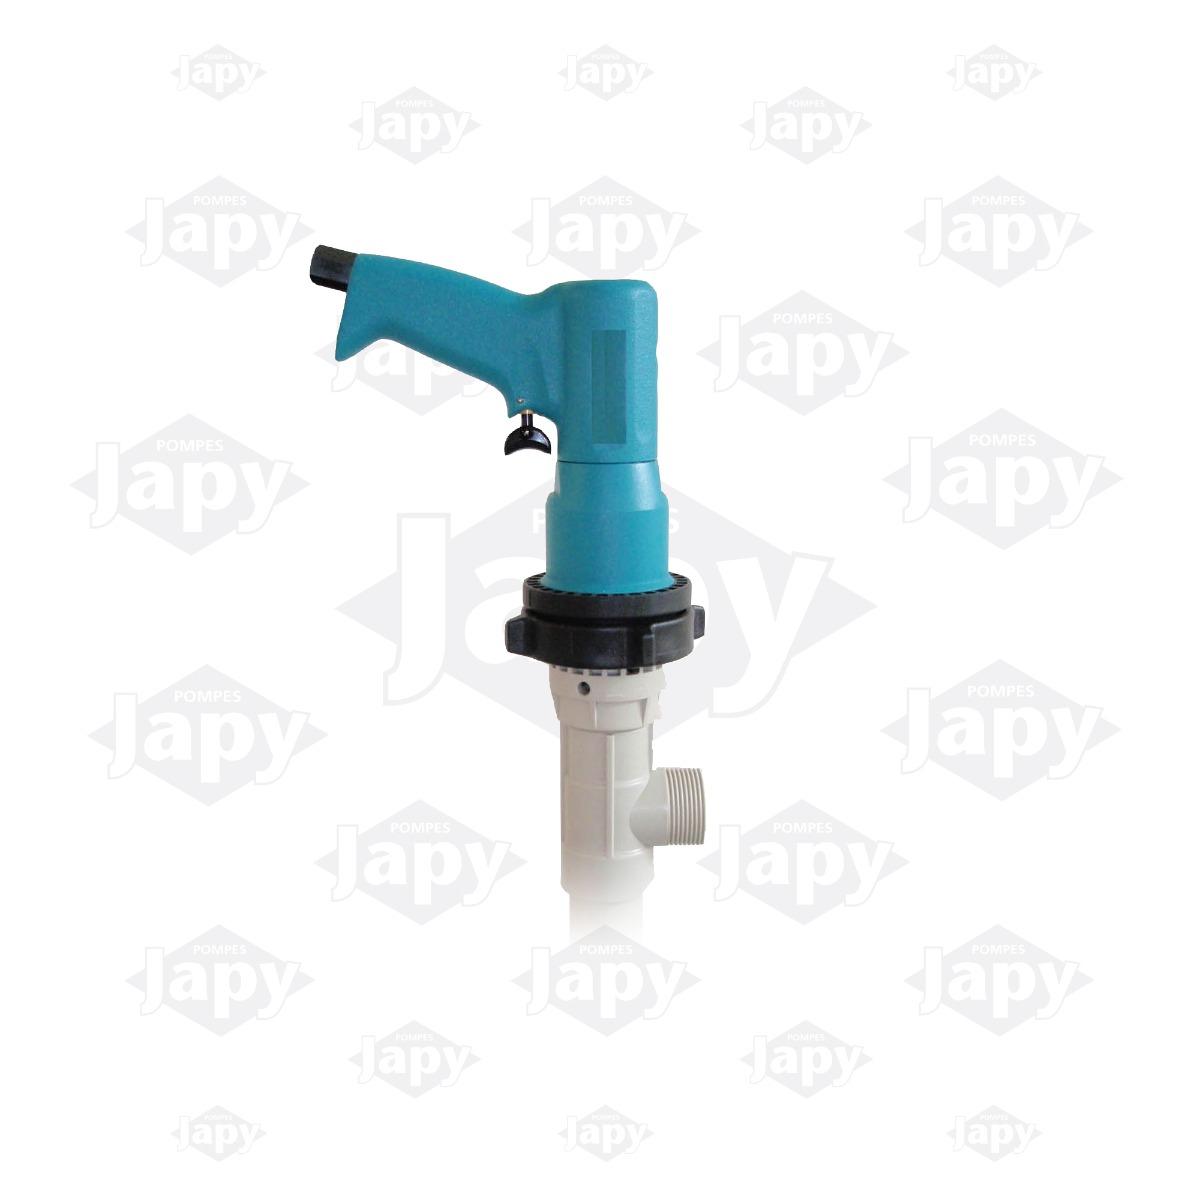 pompe electrique pour fluide acide et basique | acides et bases